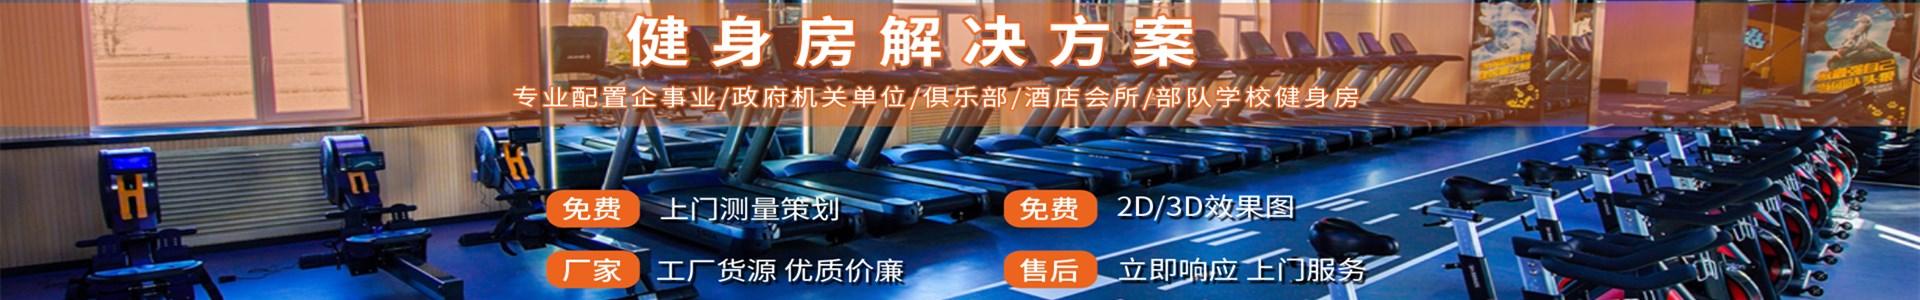 健身房解决方案